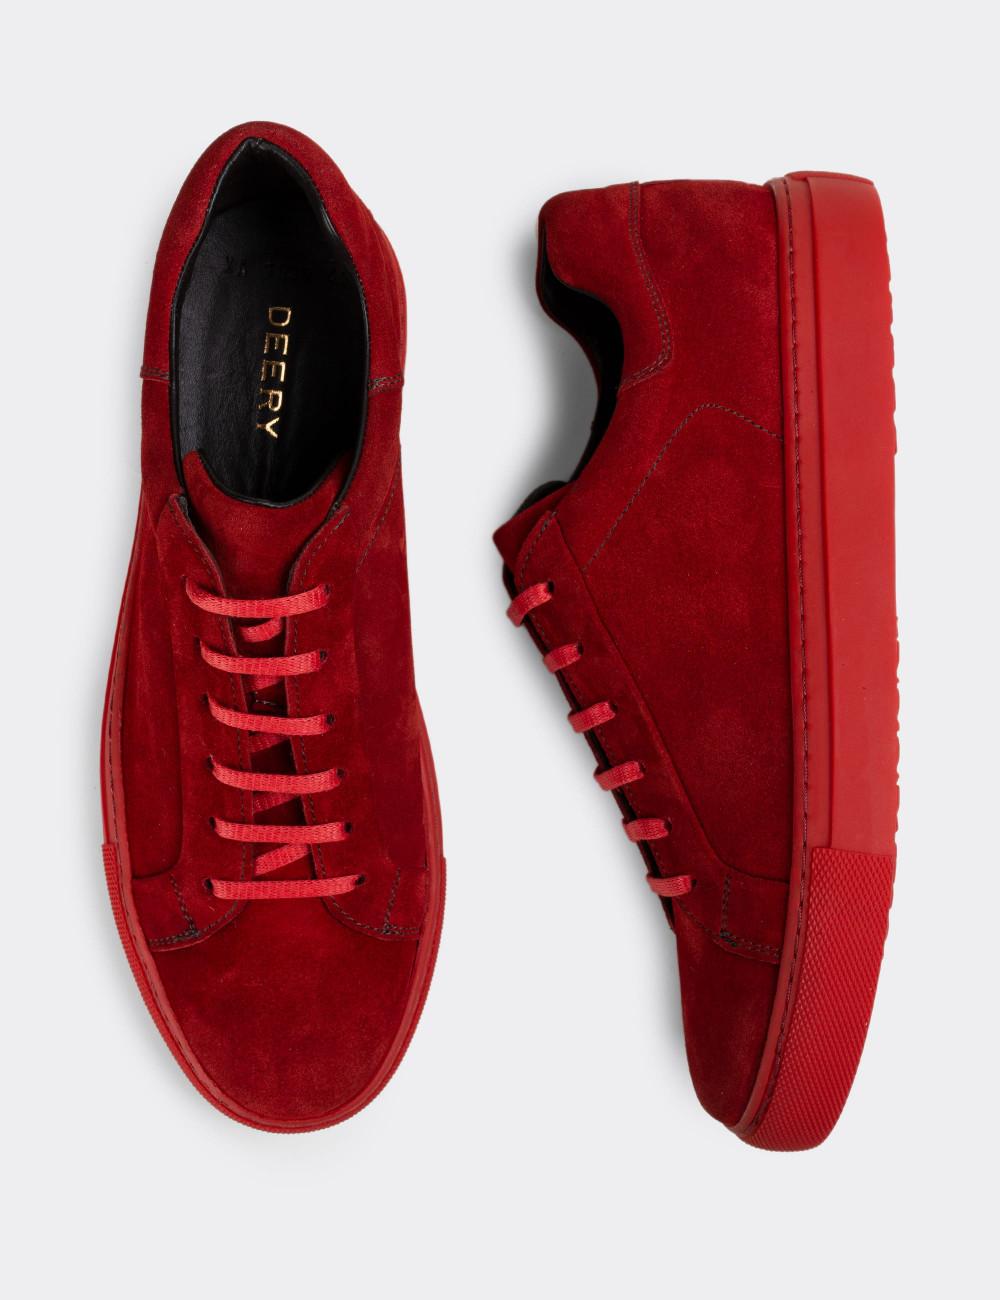 Hakiki Süet Kırmızı Sneaker Erkek Ayakkabı - 01829MKRMC01